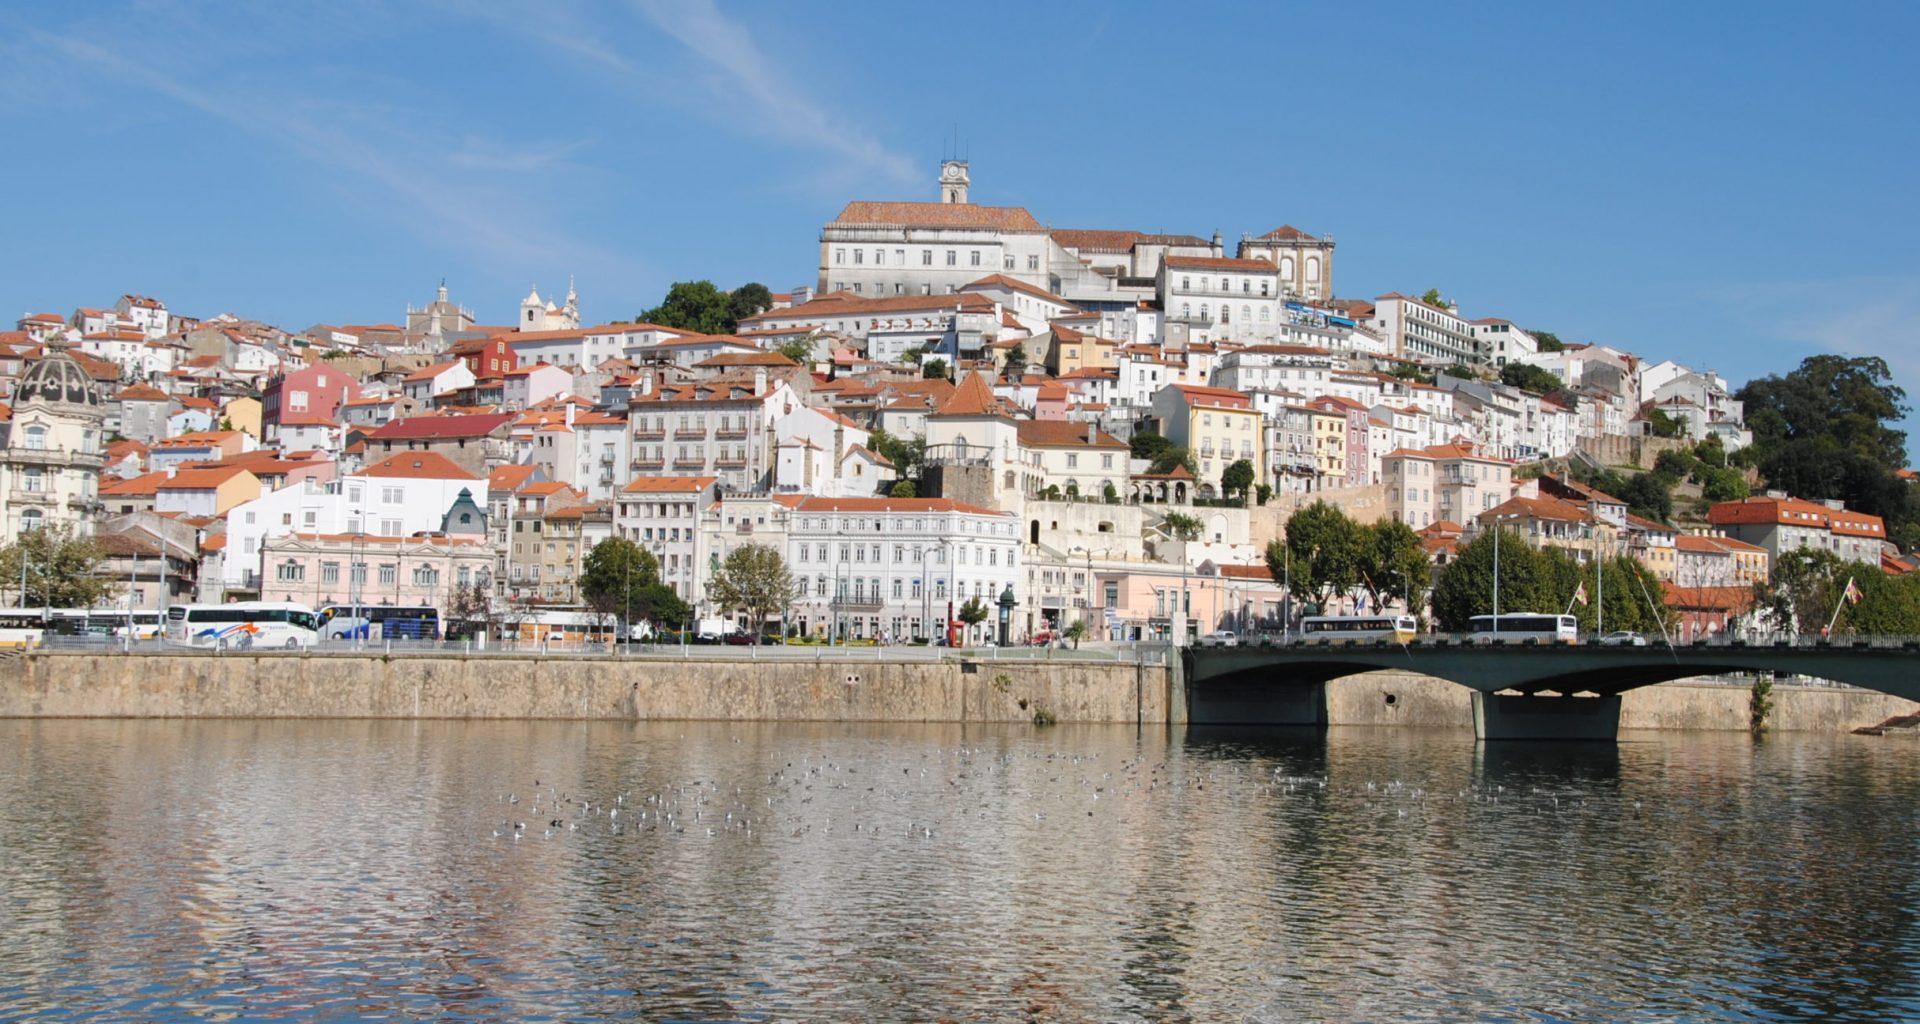 Coimbra_e_o_rio_Mondego_(6167200429)_(cropped)